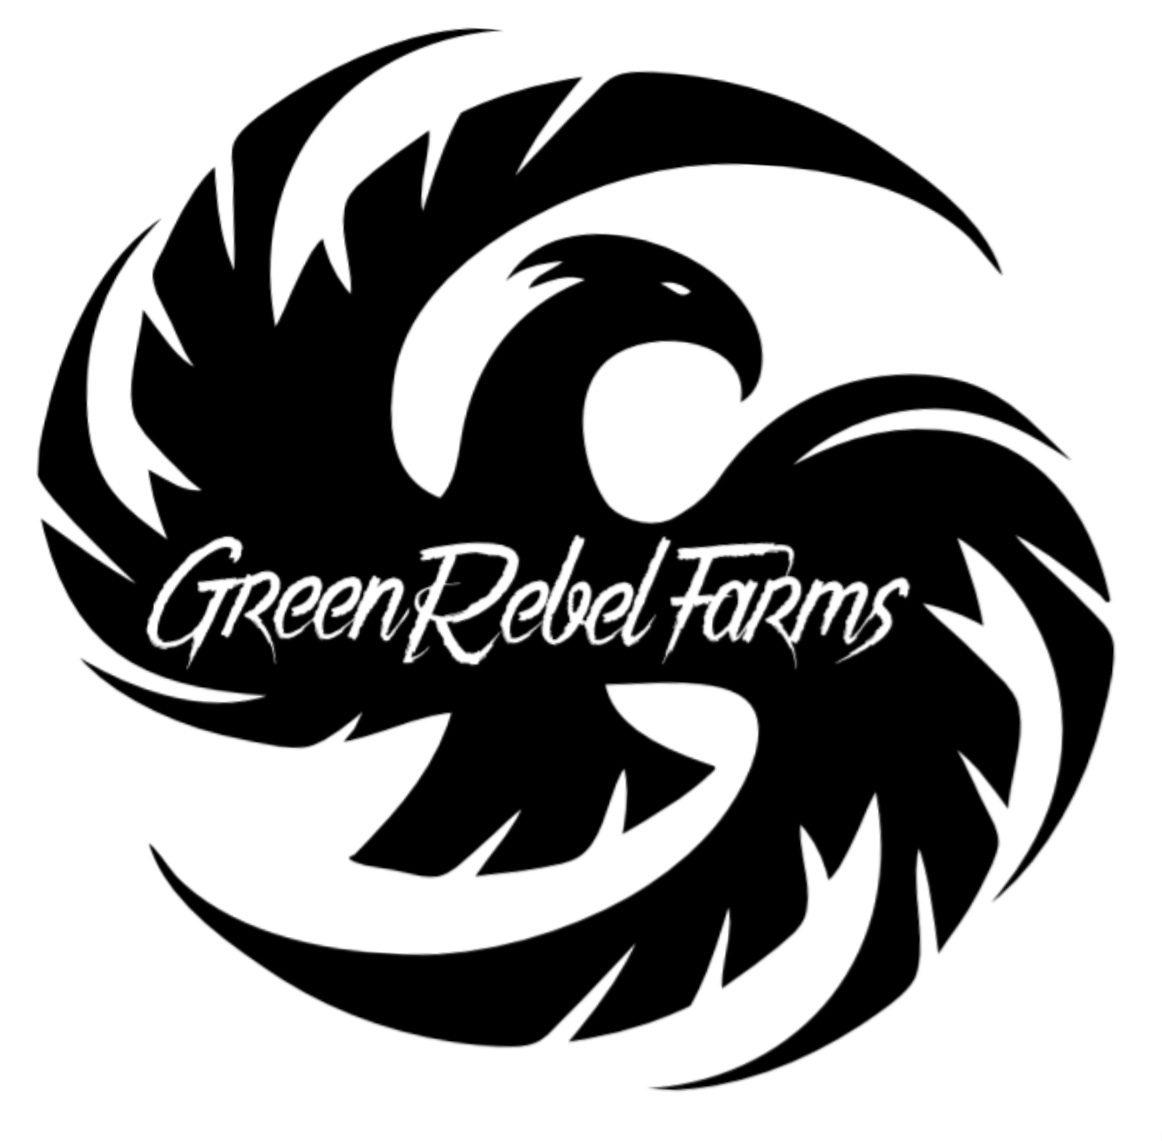 Green Rebel Farms